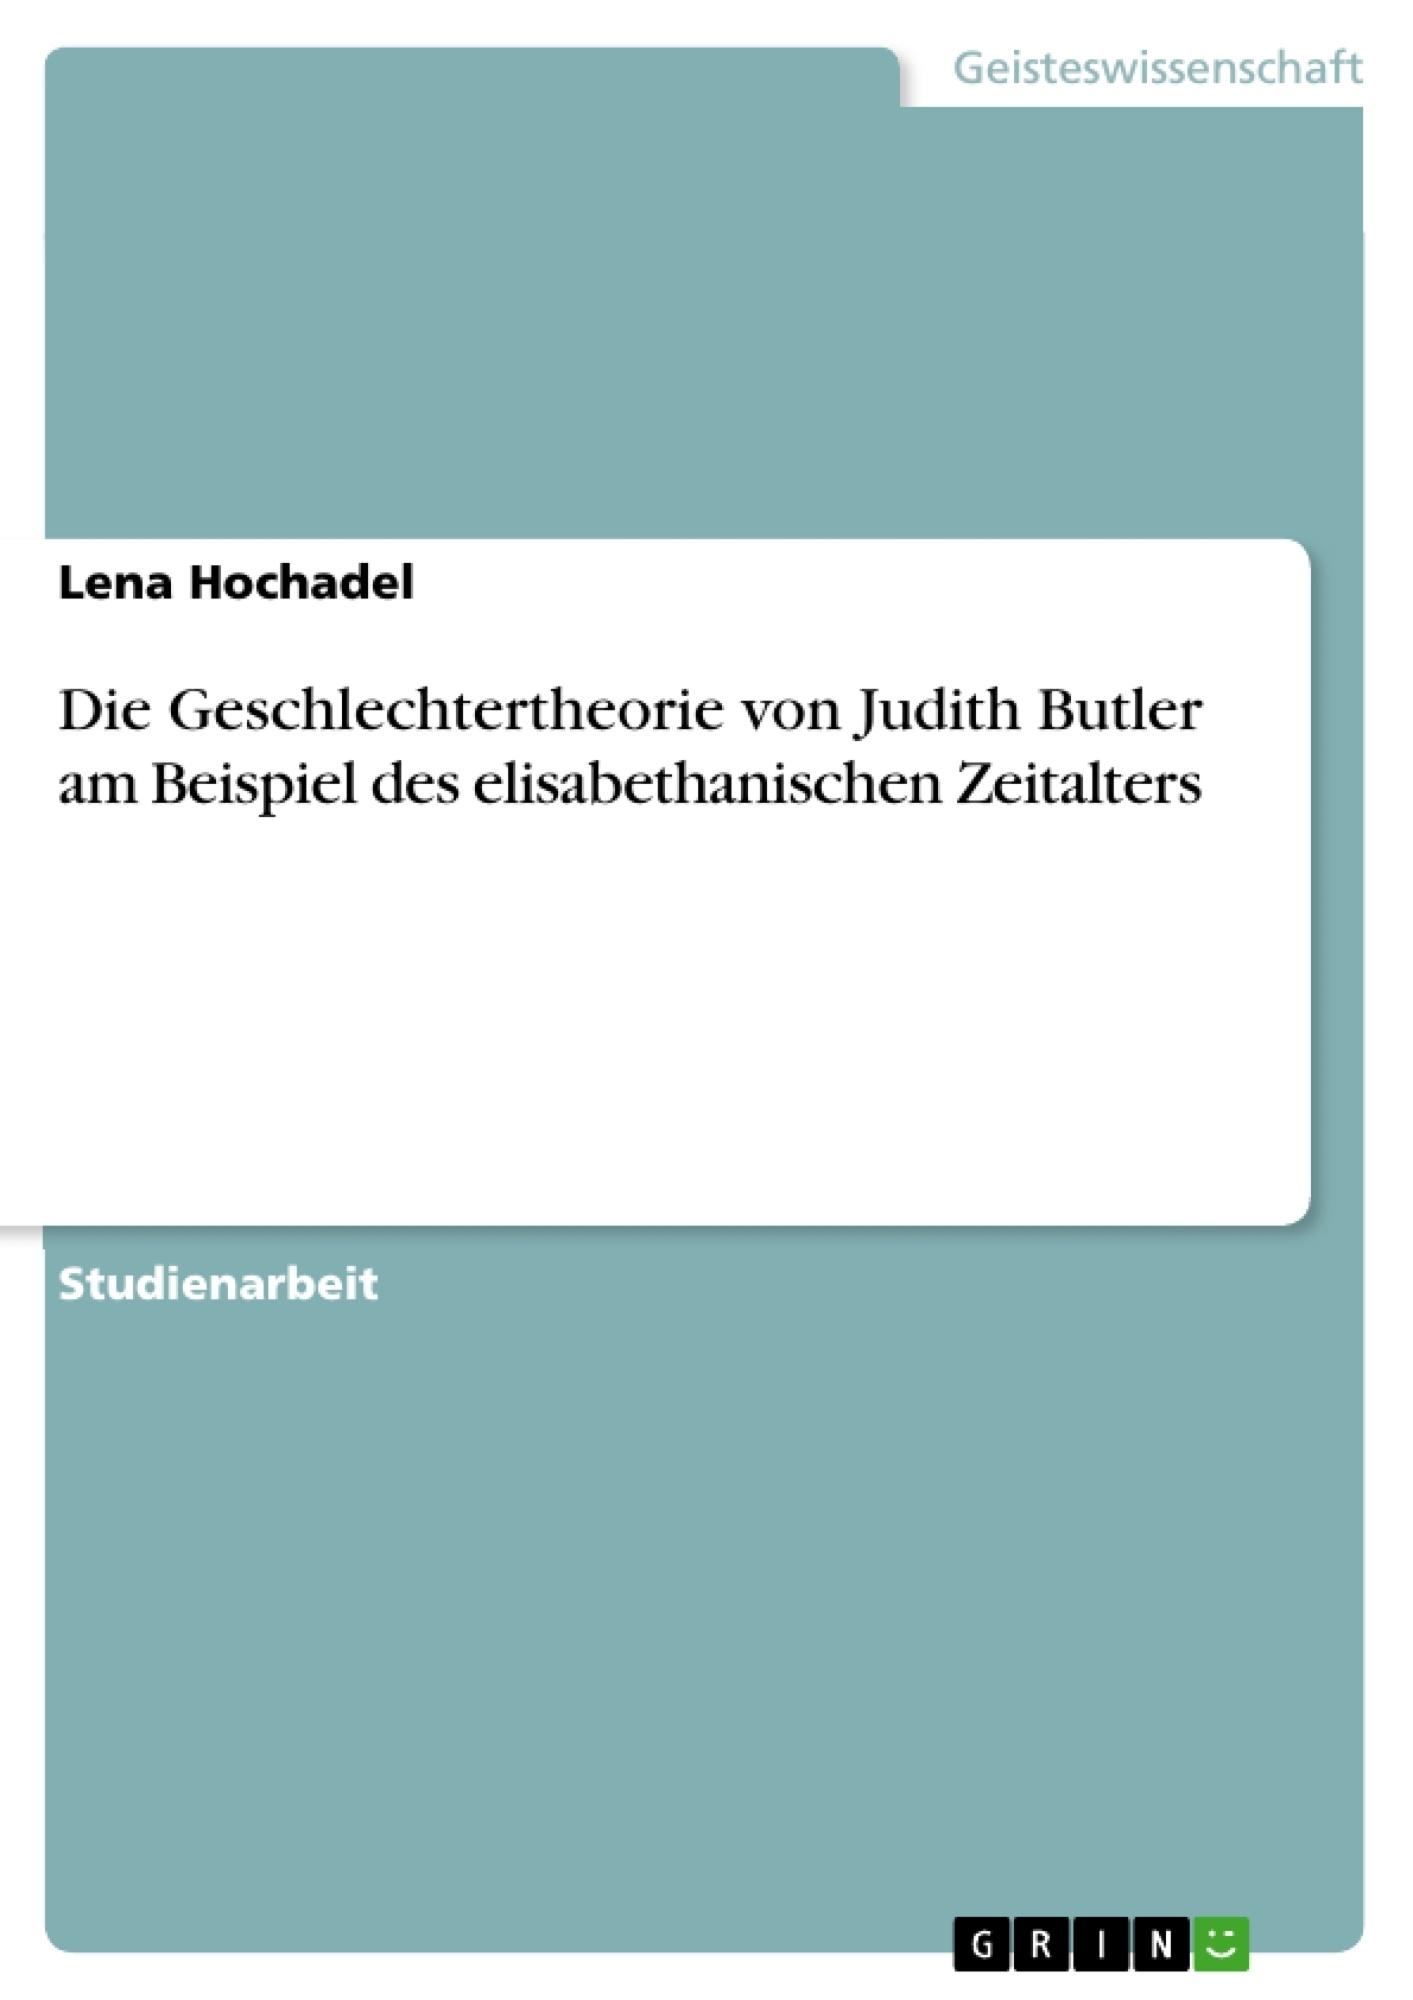 Titel: Die Geschlechtertheorie von Judith Butler am Beispiel des elisabethanischen Zeitalters